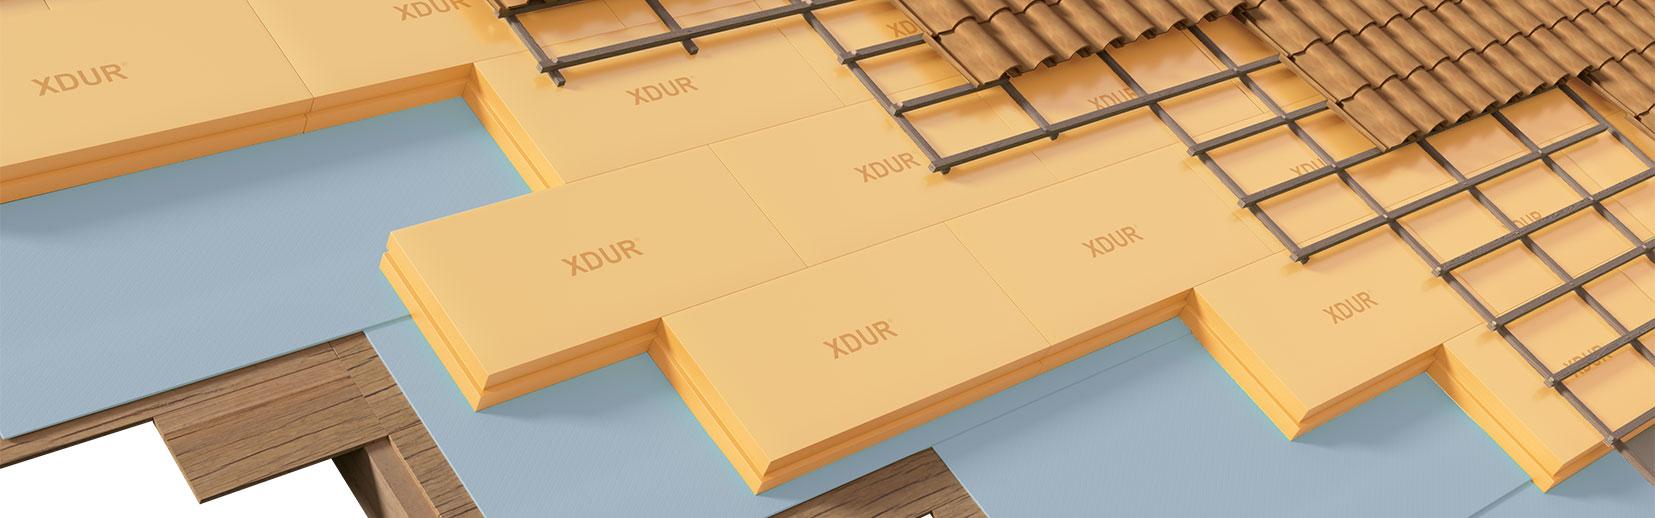 XDUR: tetto a faldo in legno